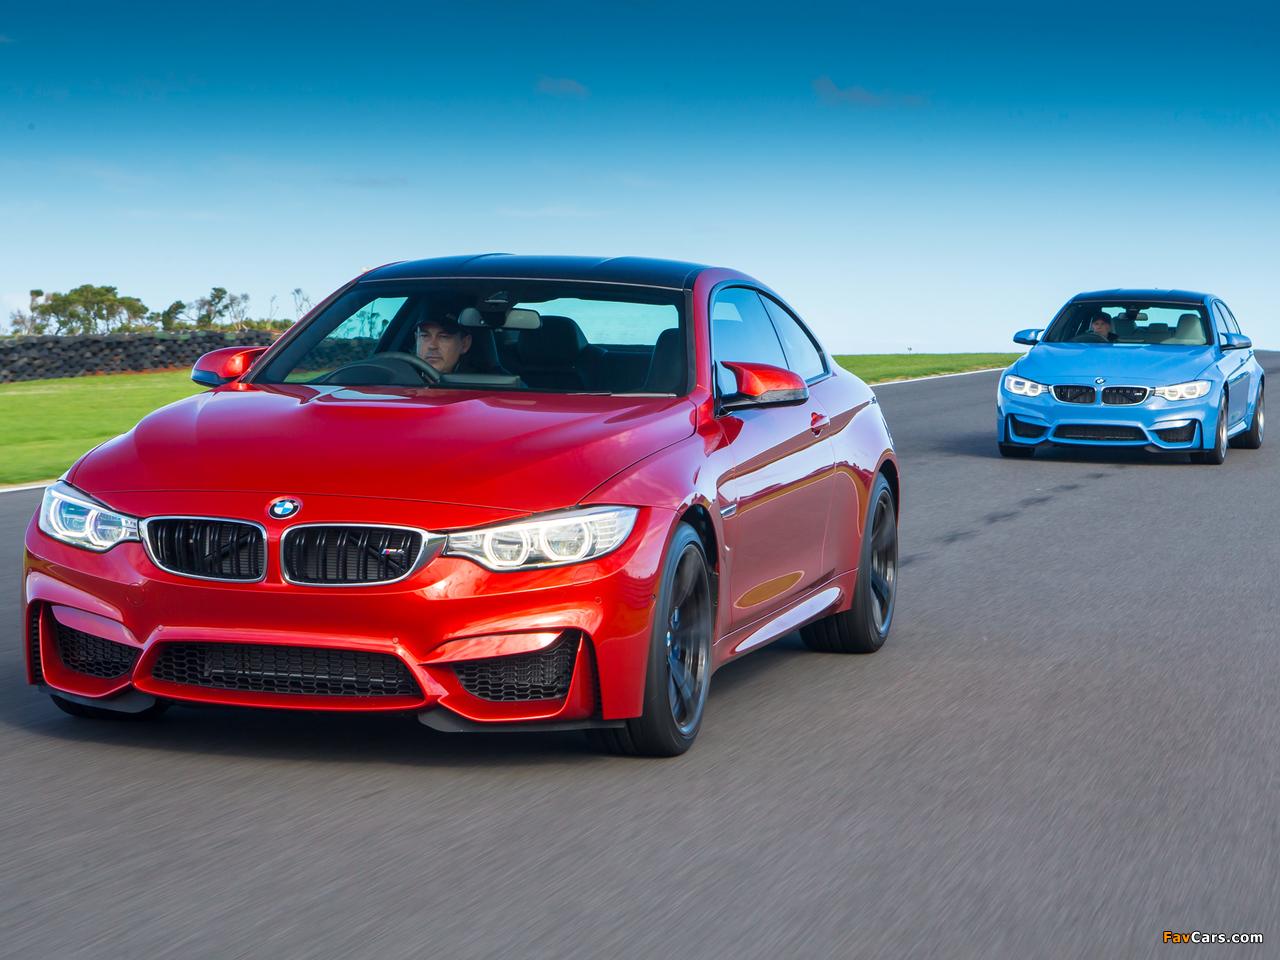 Photos of BMW (1280 x 960)